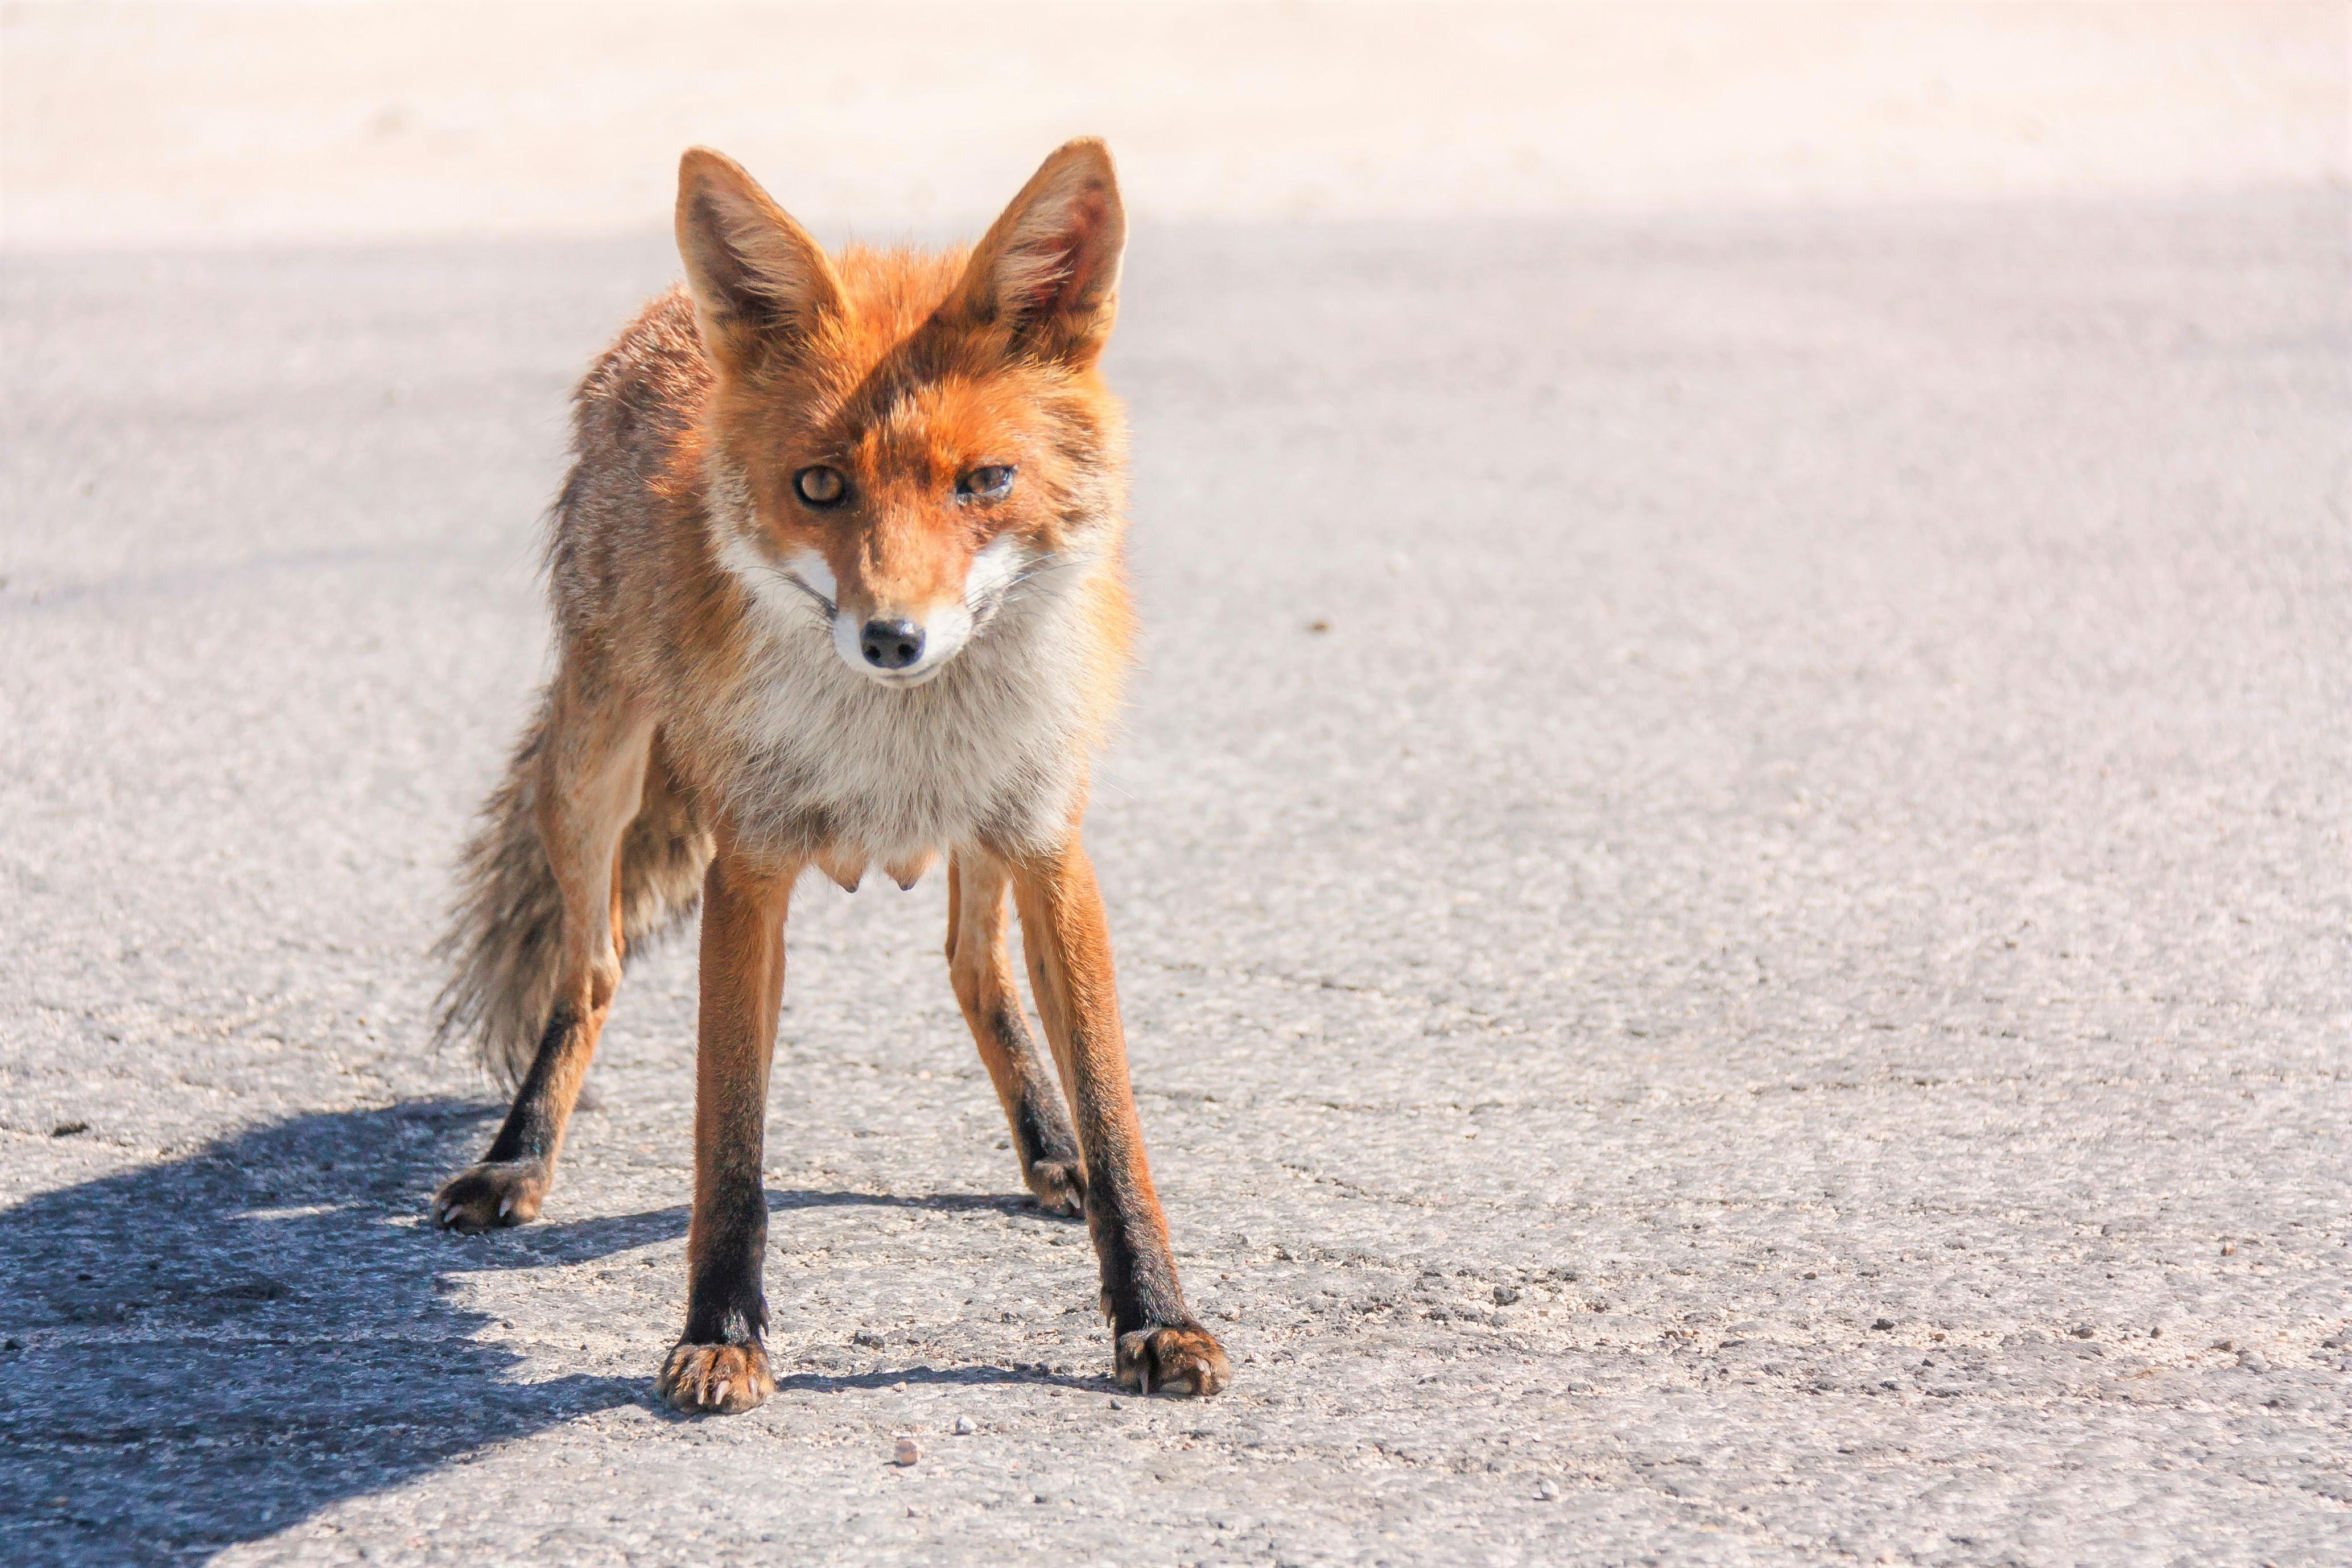 Fox edit